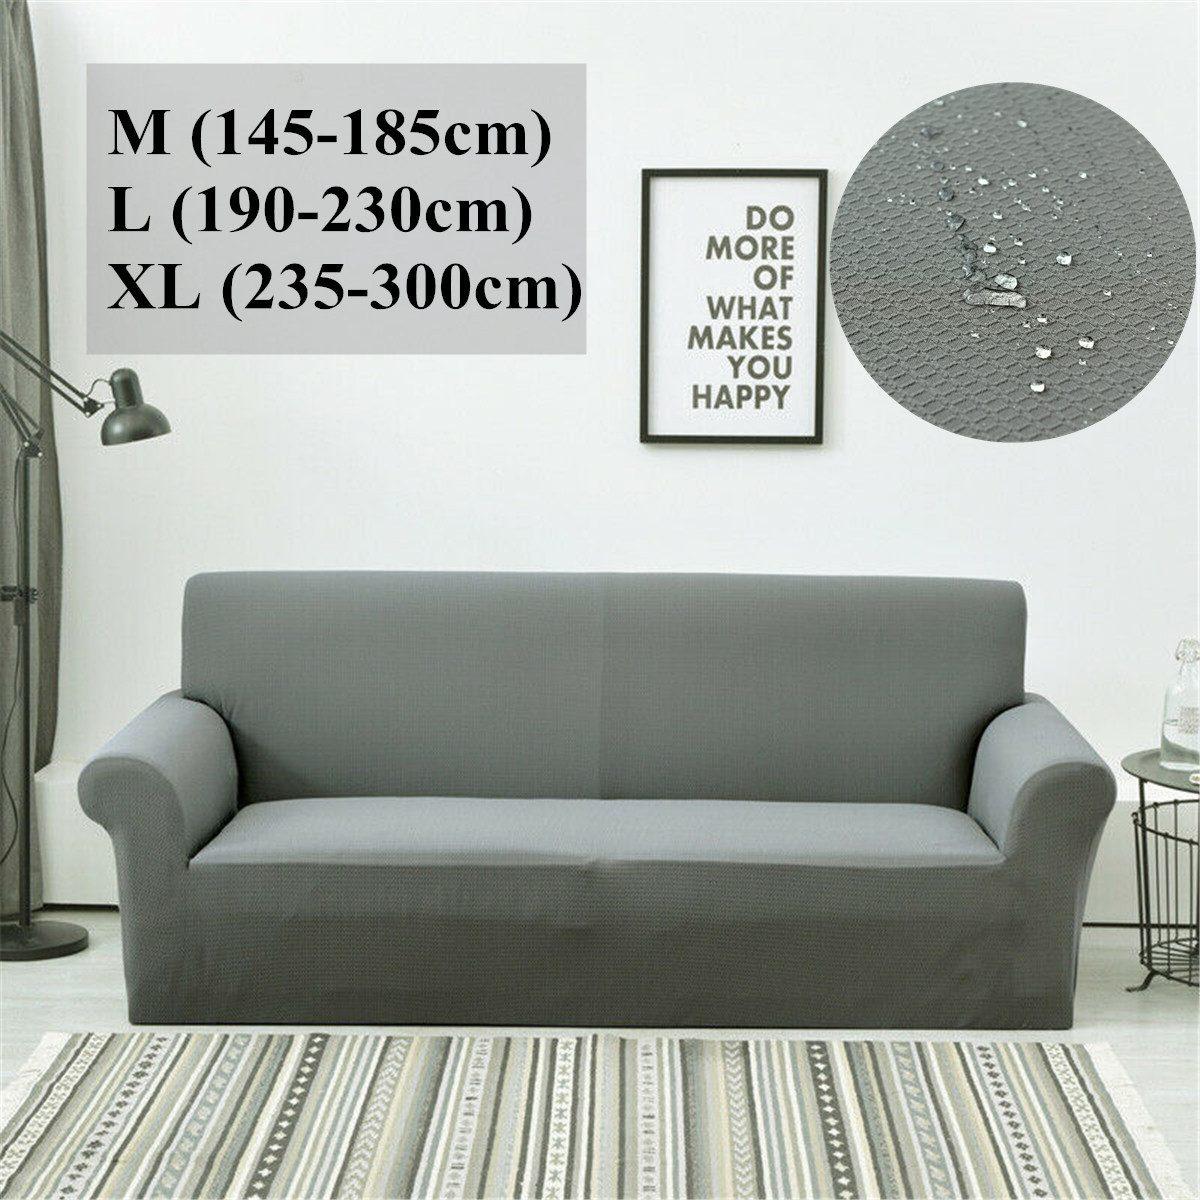 1pc Waterproof Sofa Cushion Sofa Cover  Elastic Sofa Slipcovers Anti-slip Pet Pad Diaper Sofa Towel Universal Nordic Solid Color